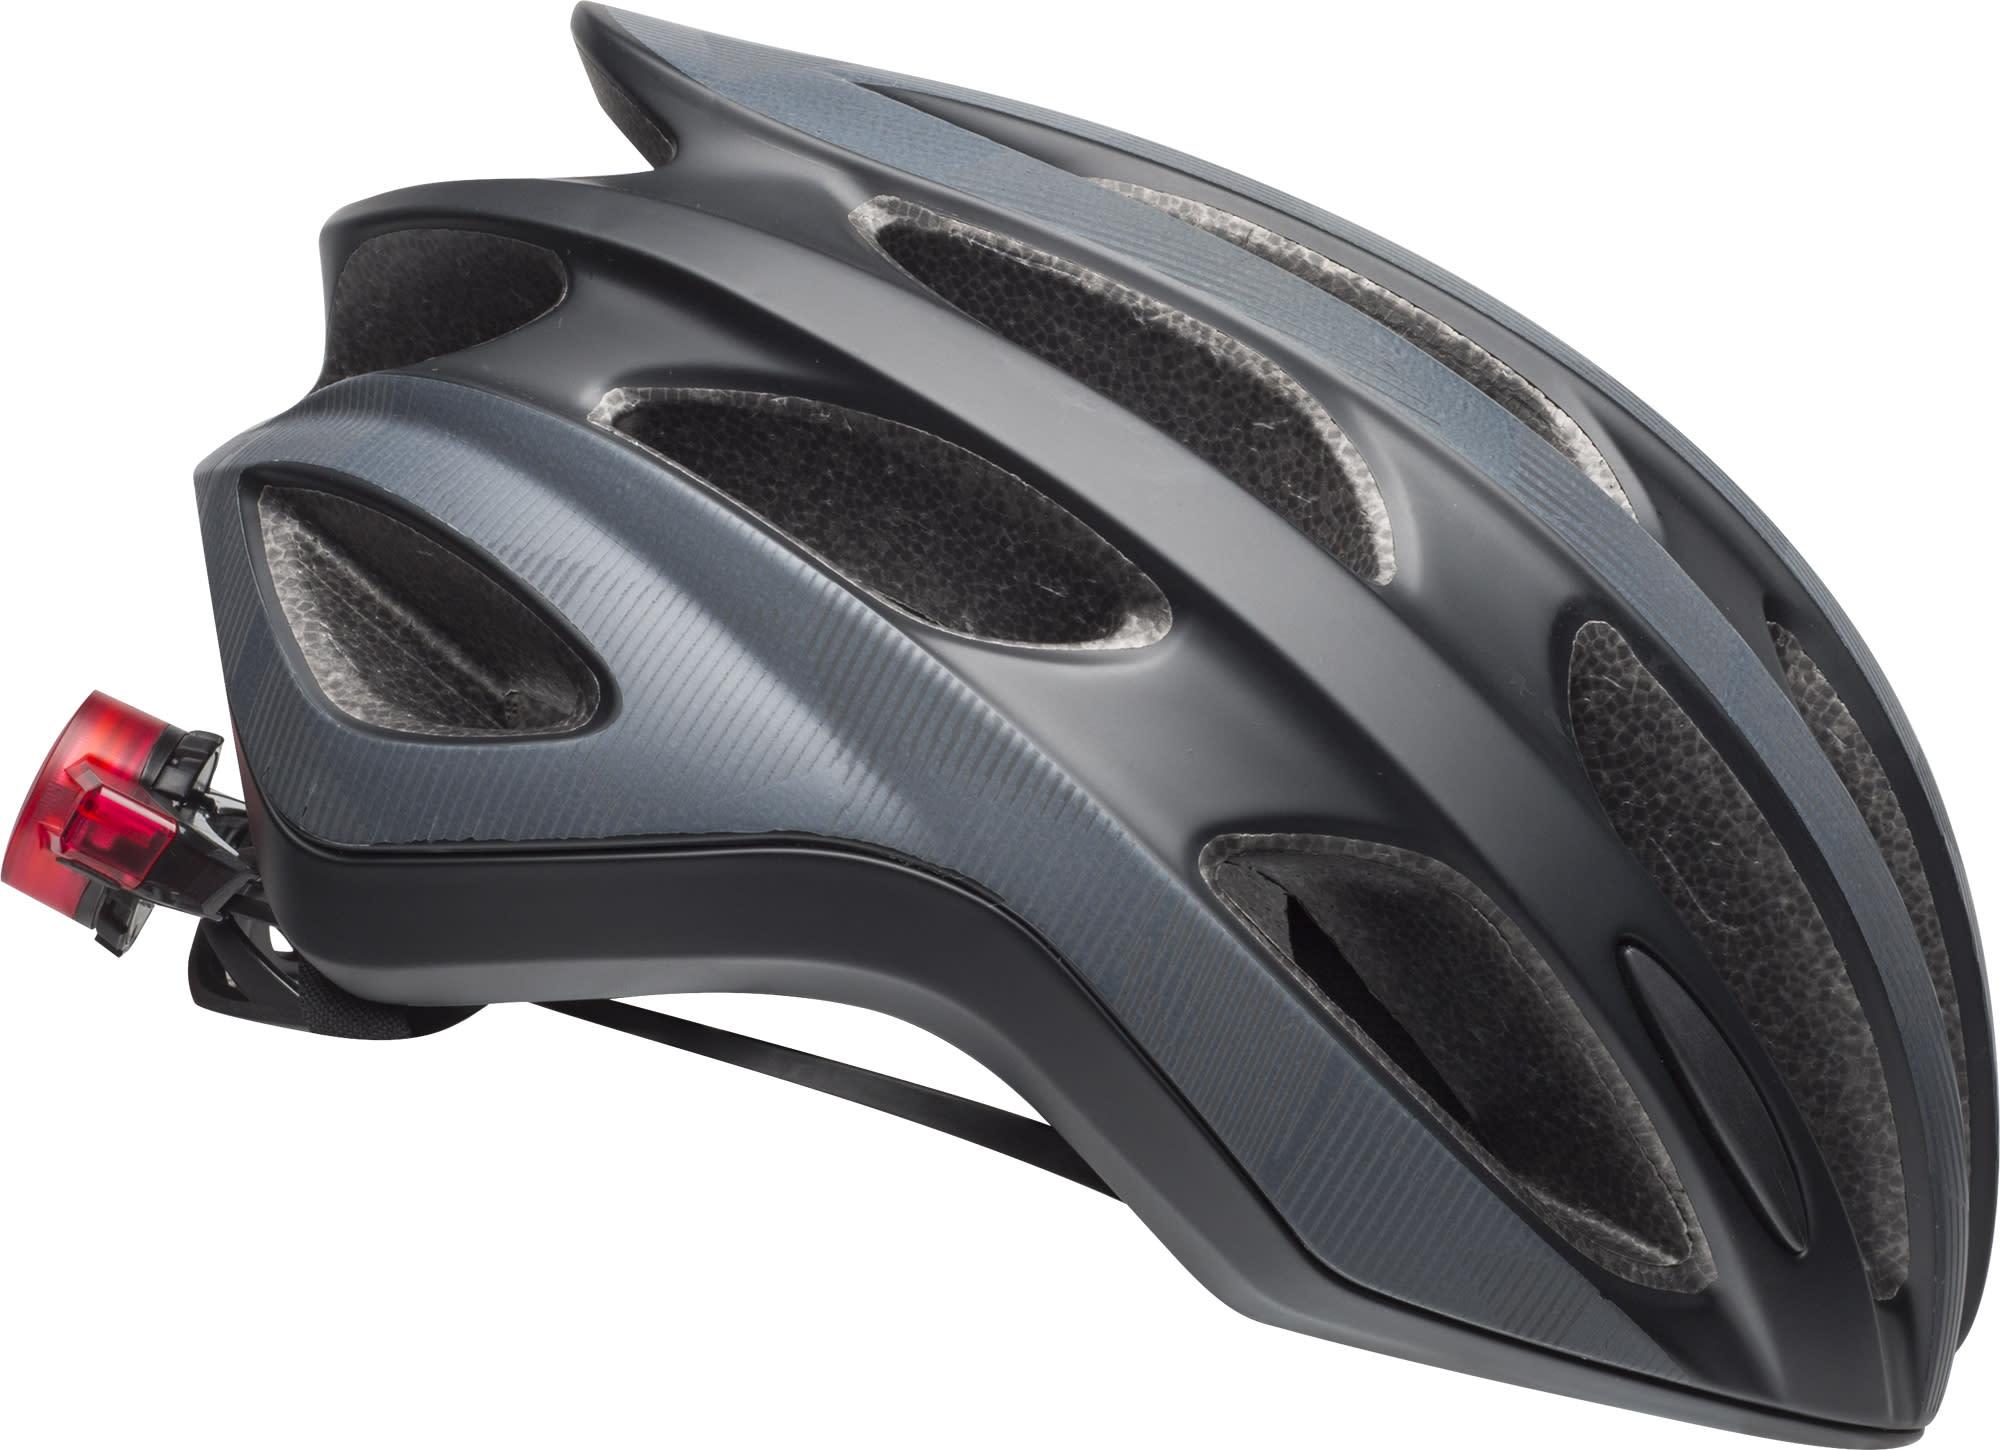 bell formula led mips bike helmet 2019. Black Bedroom Furniture Sets. Home Design Ideas